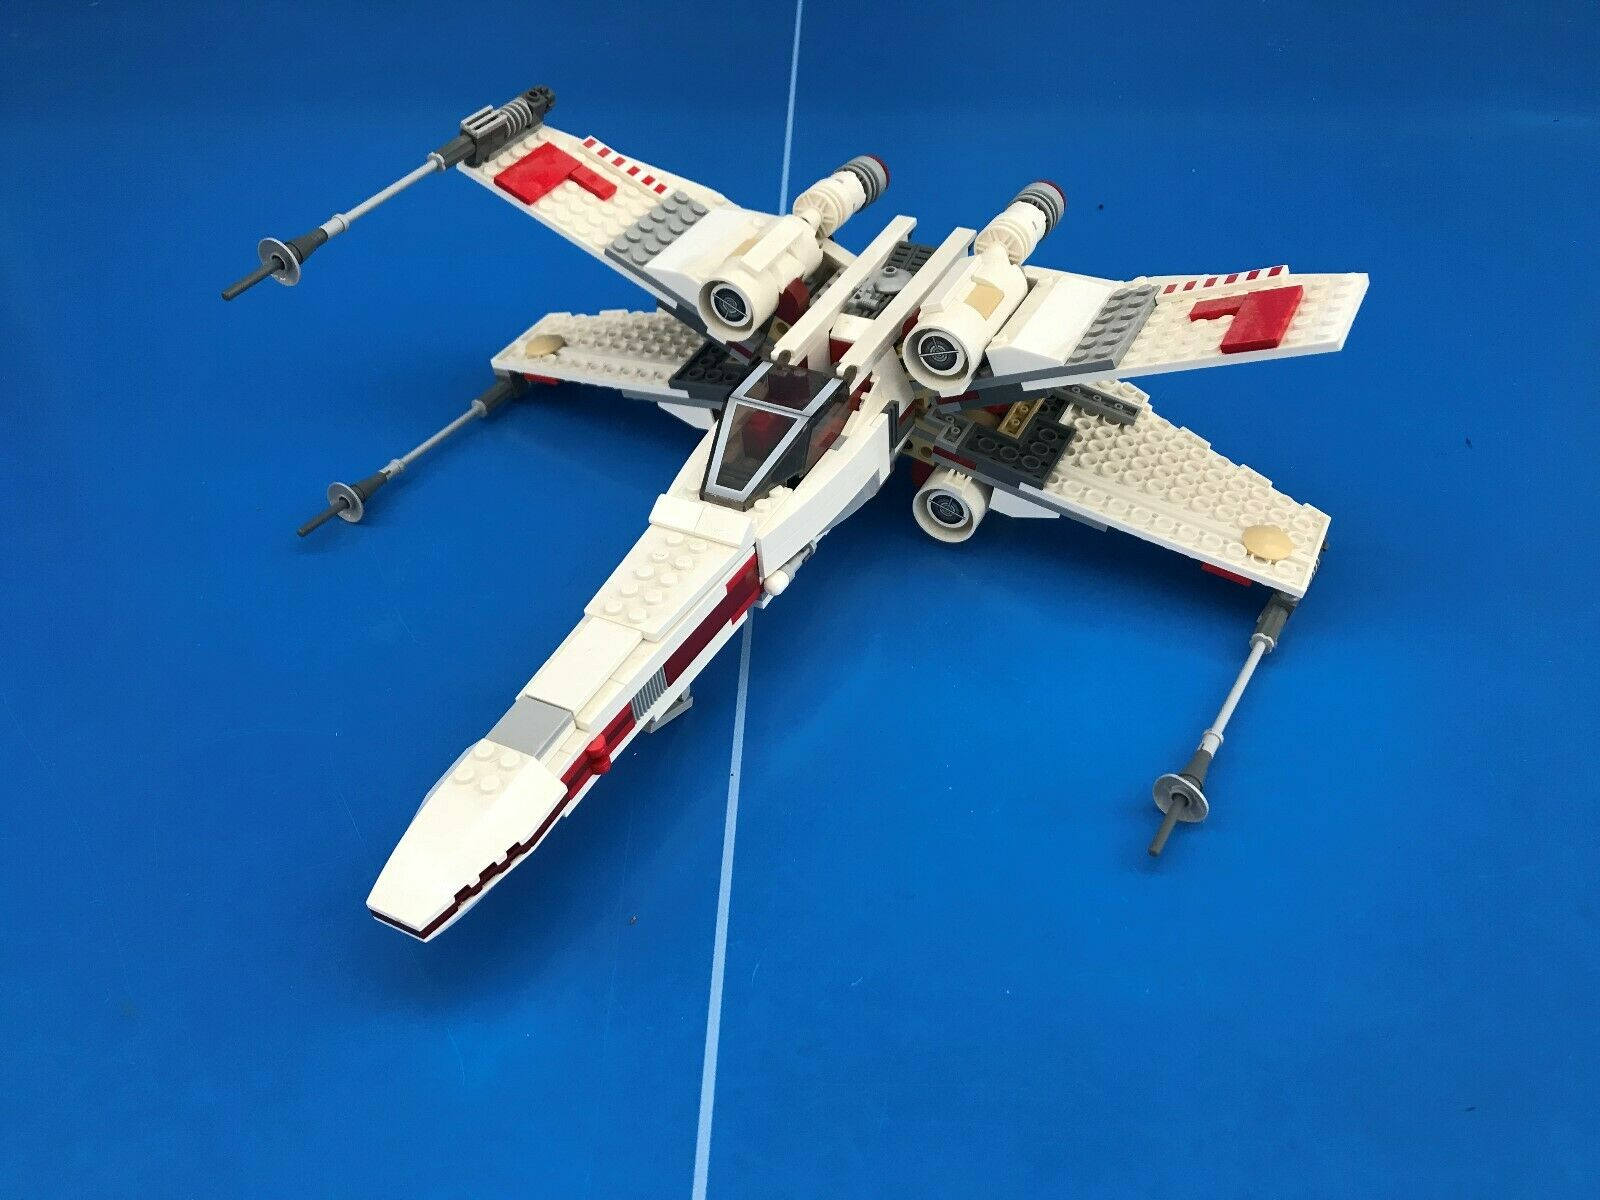 LEGO estrella guerras 9493  - VAISSEAU X-WING estrellaFIGHTER BE sans figurine notice boite  fornire un prodotto di qualità